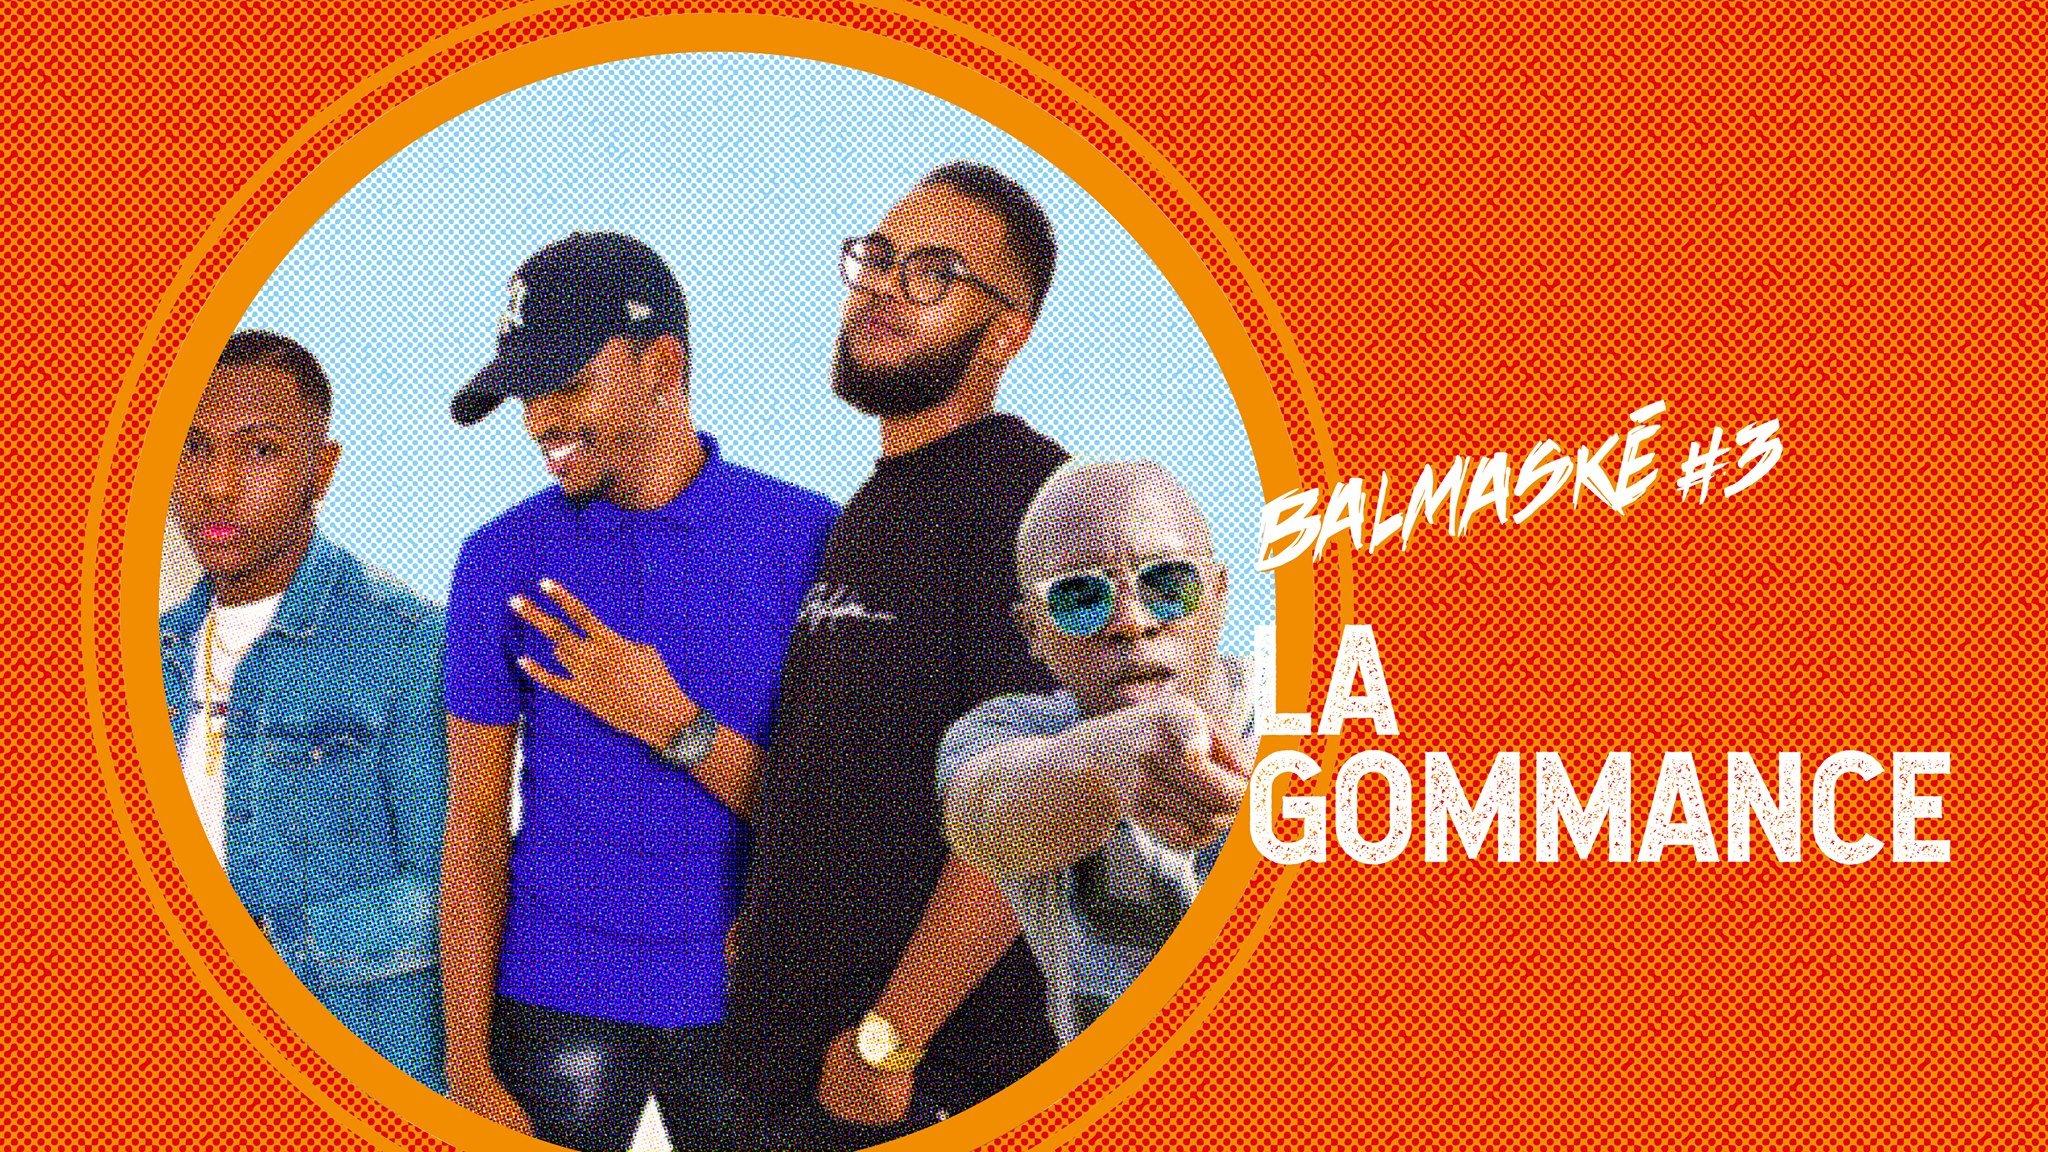 Balmaské #3: La Gommance